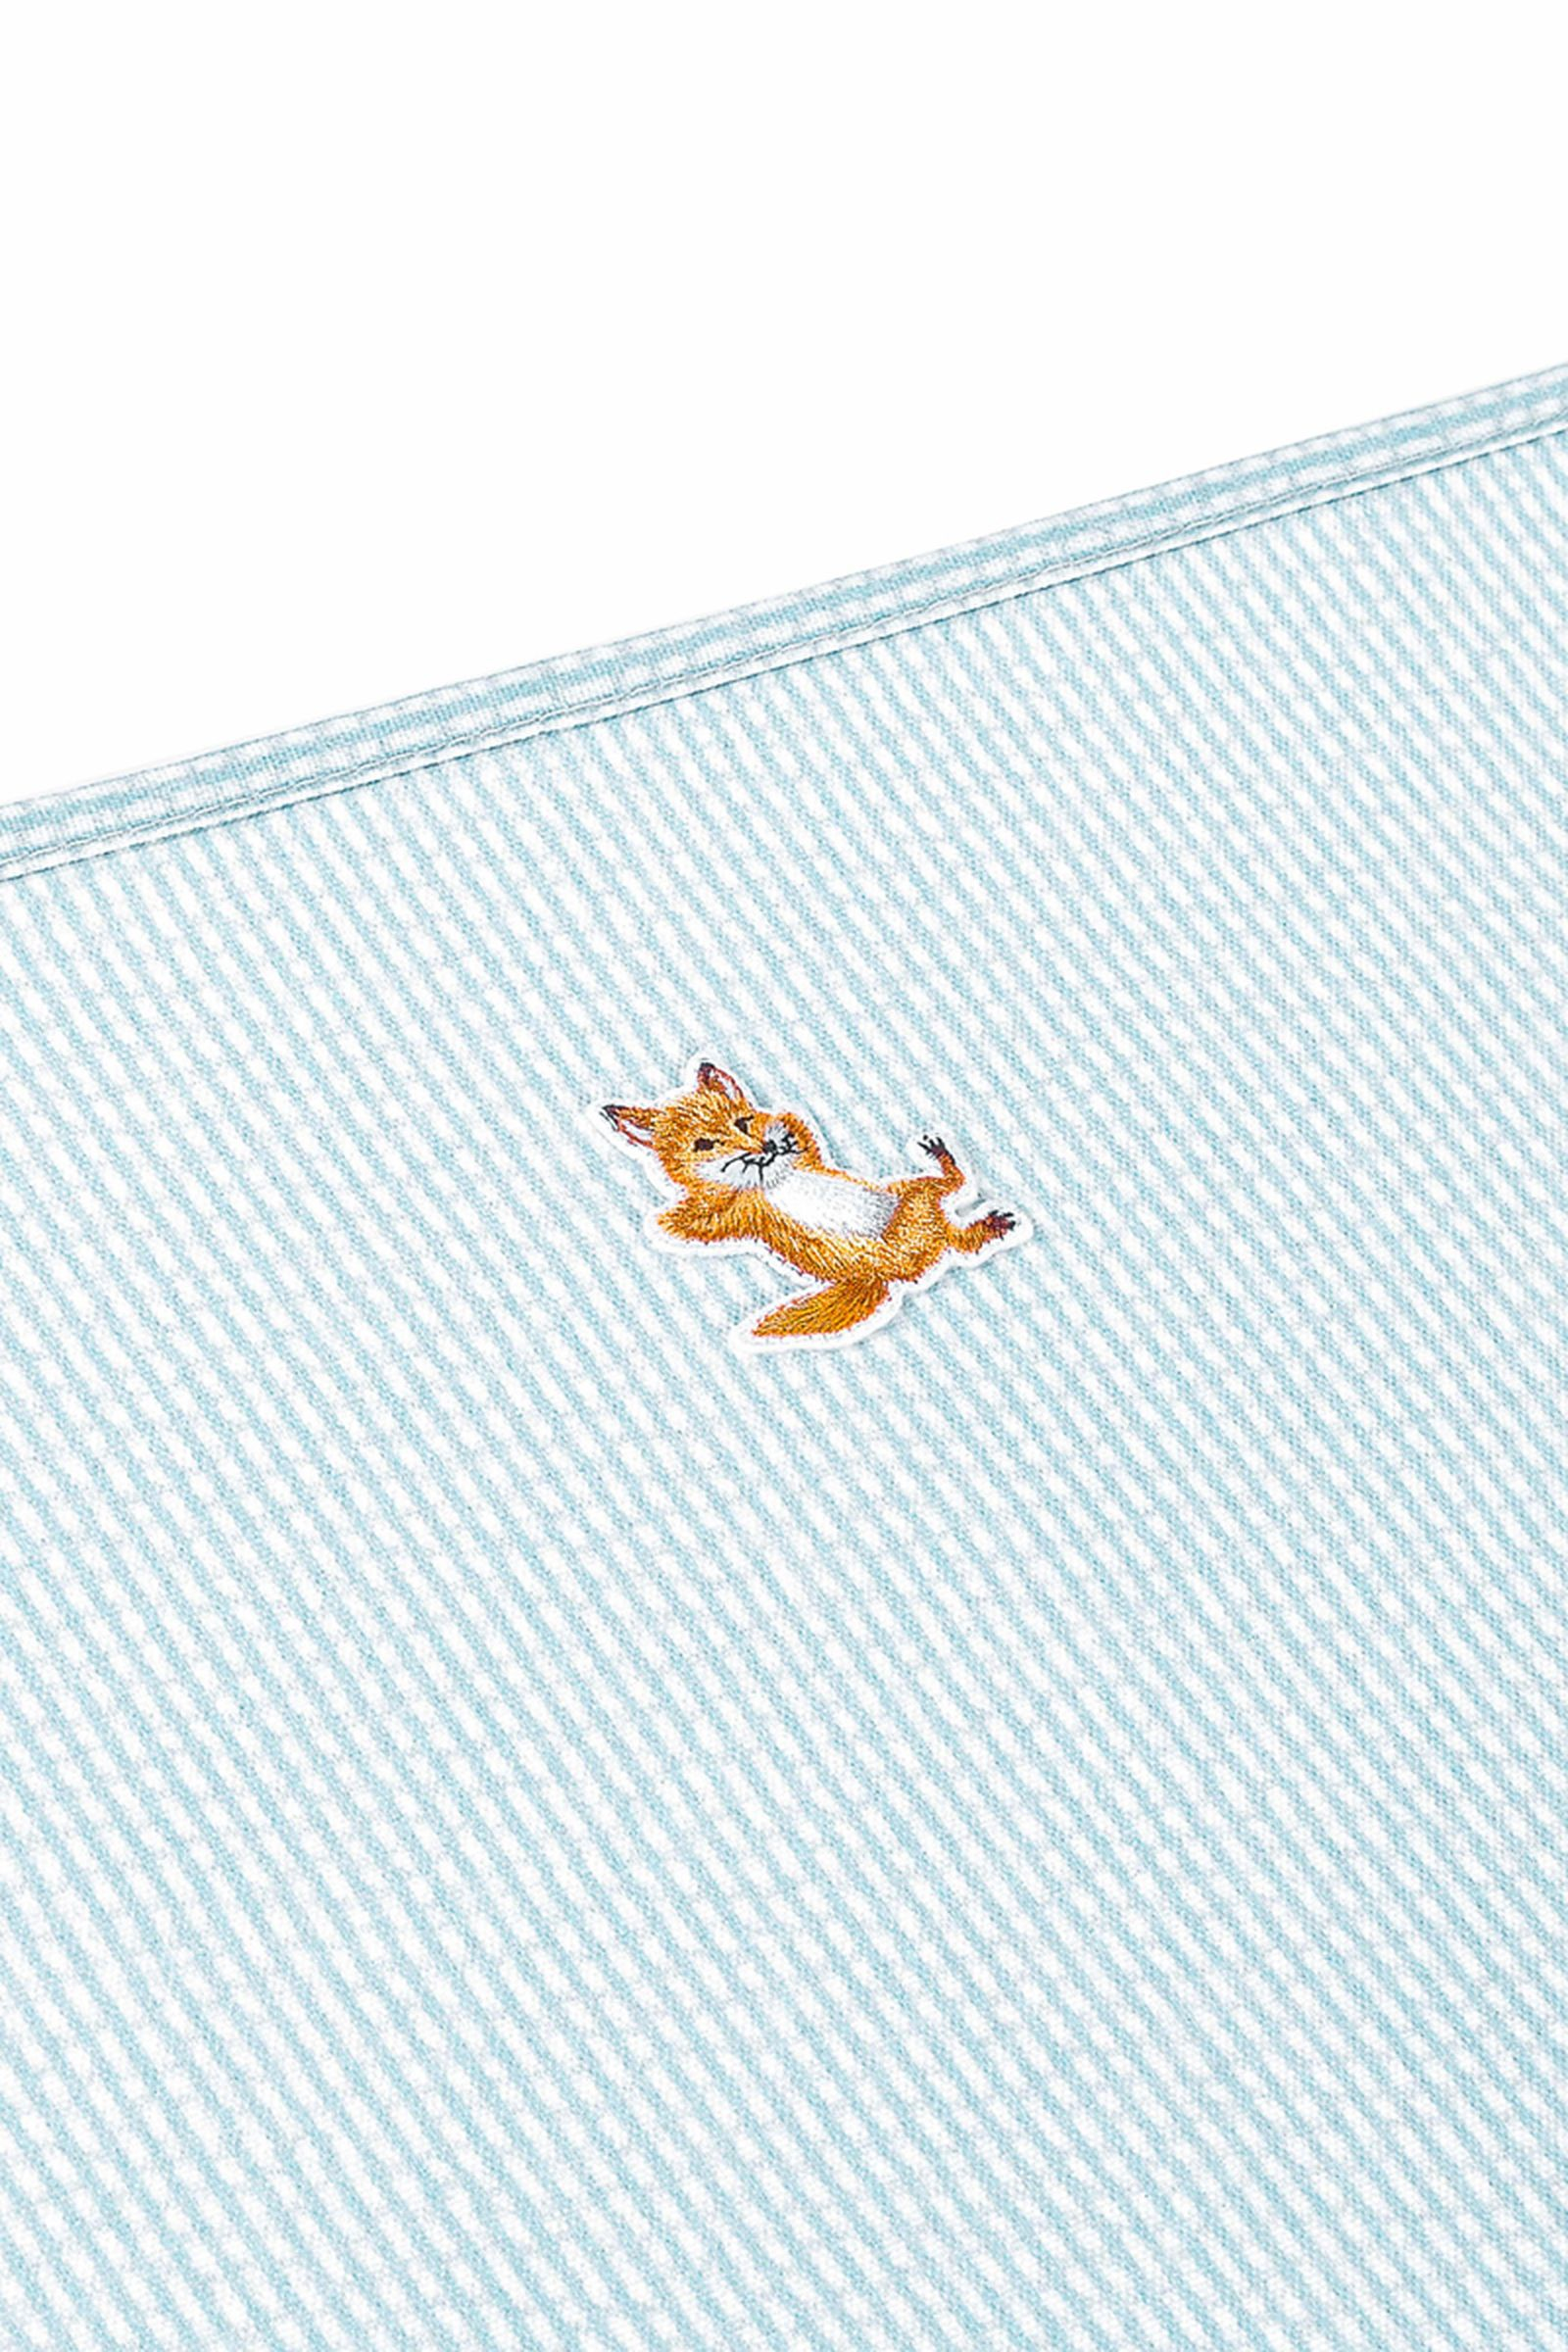 maison-kitsune-helinox-chillax-fox-summer-capsule (26)